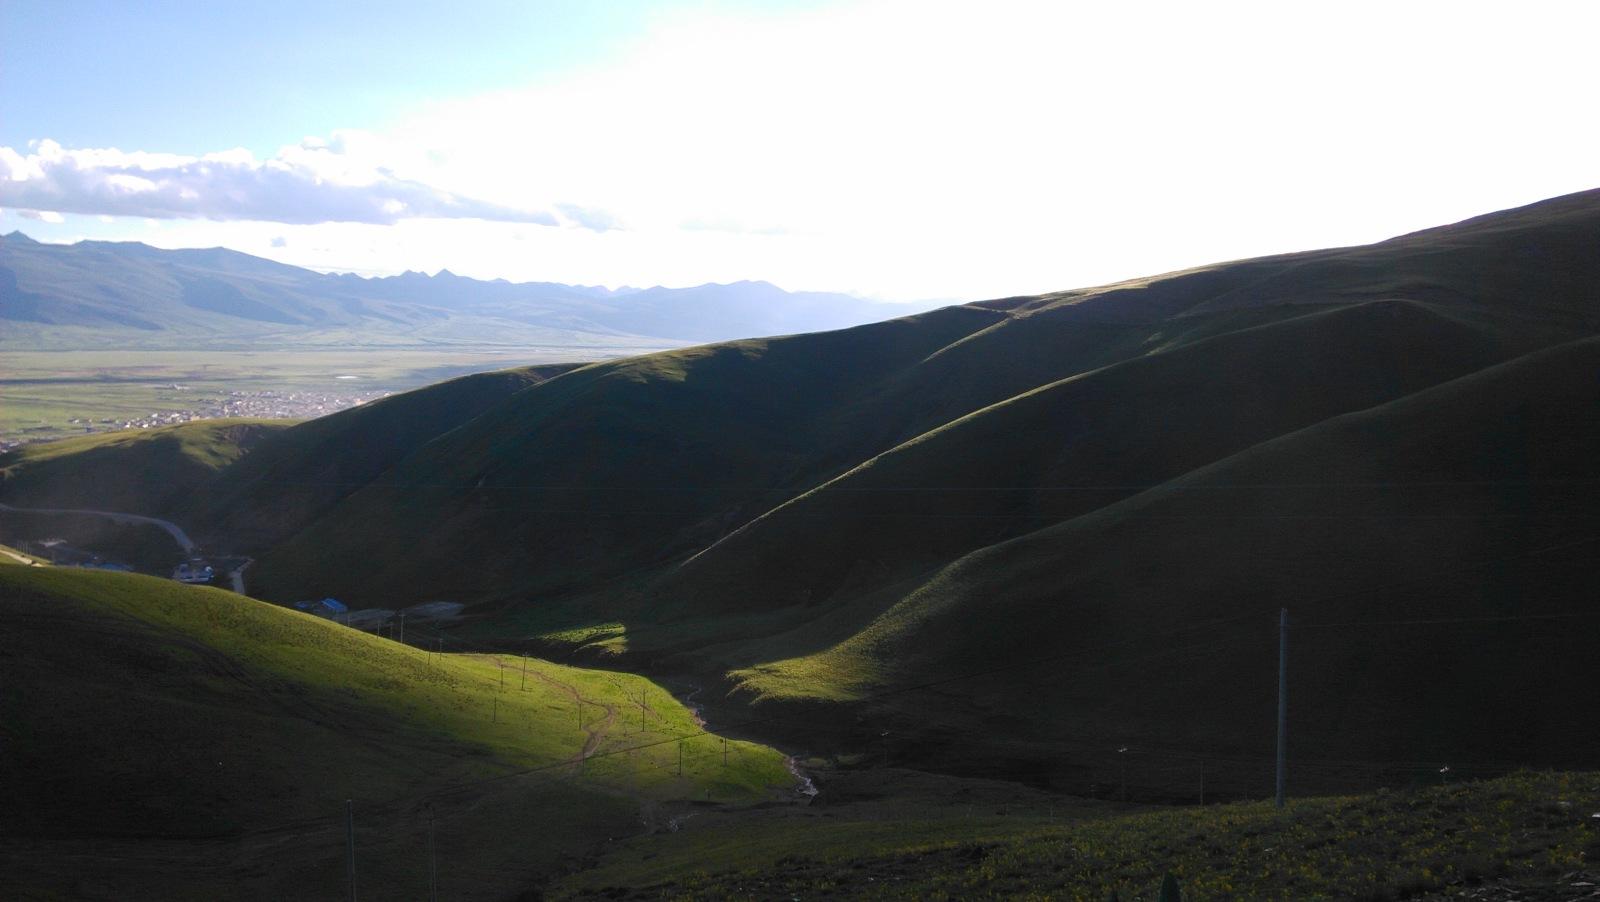 依偎着理塘的群山,在夕阳的照射下,这几个山头显得特别有韵味